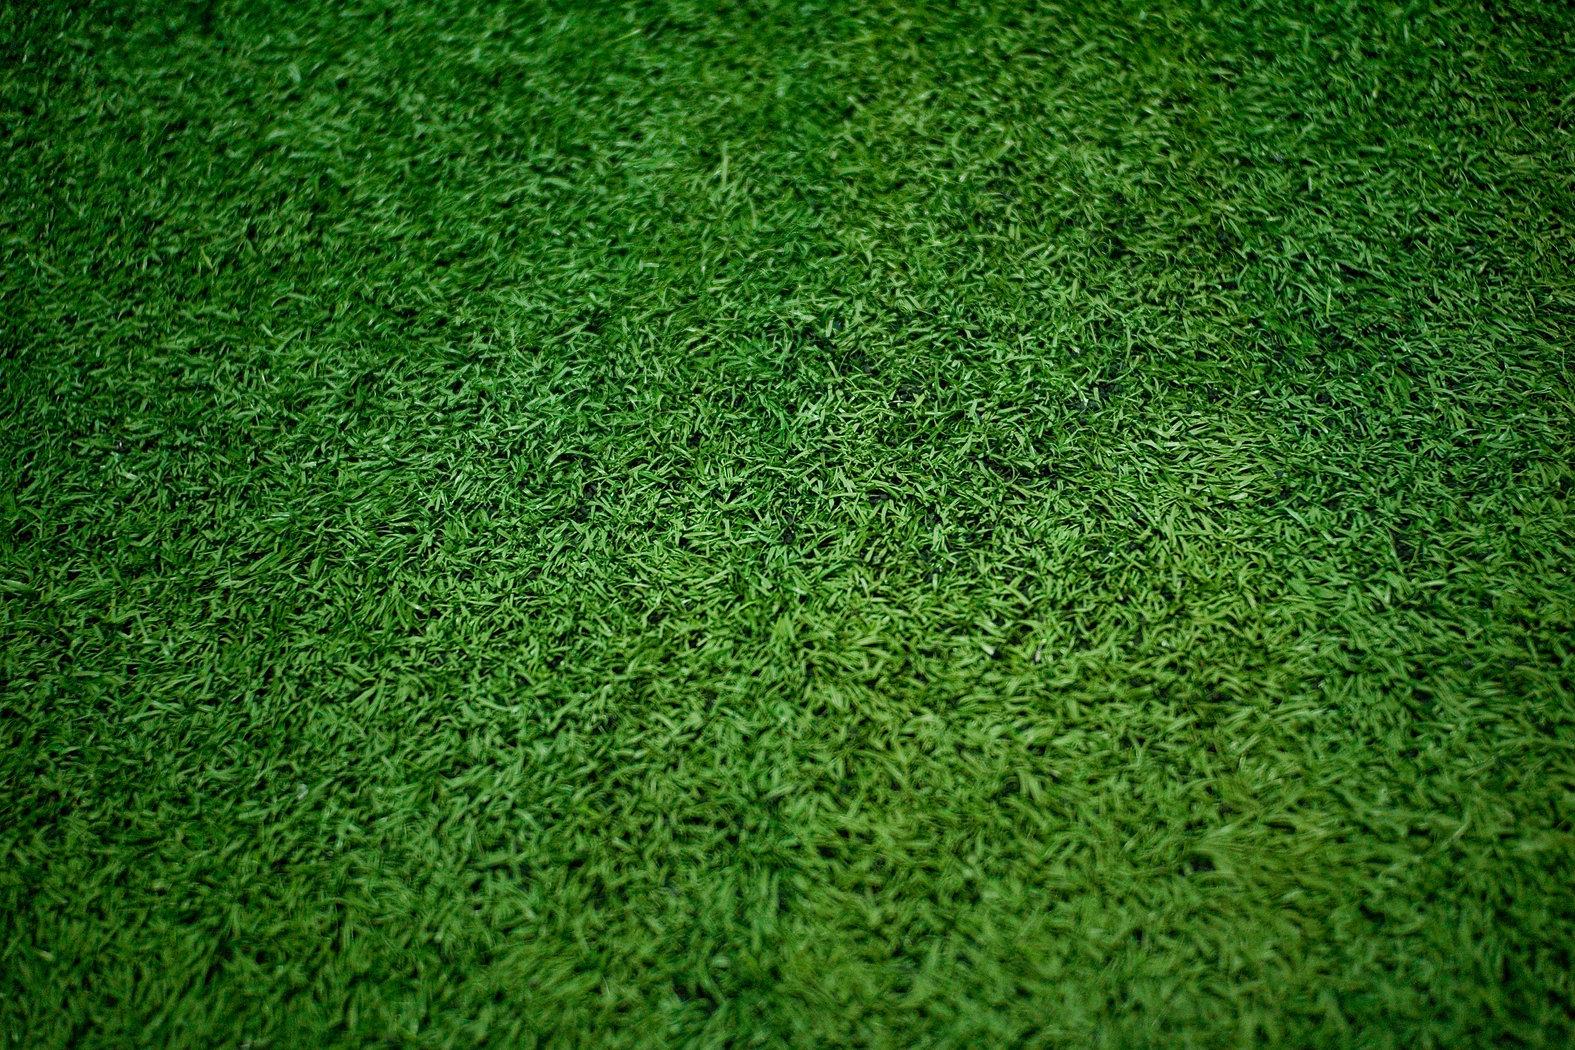 Green grass soccer field close-up backgr